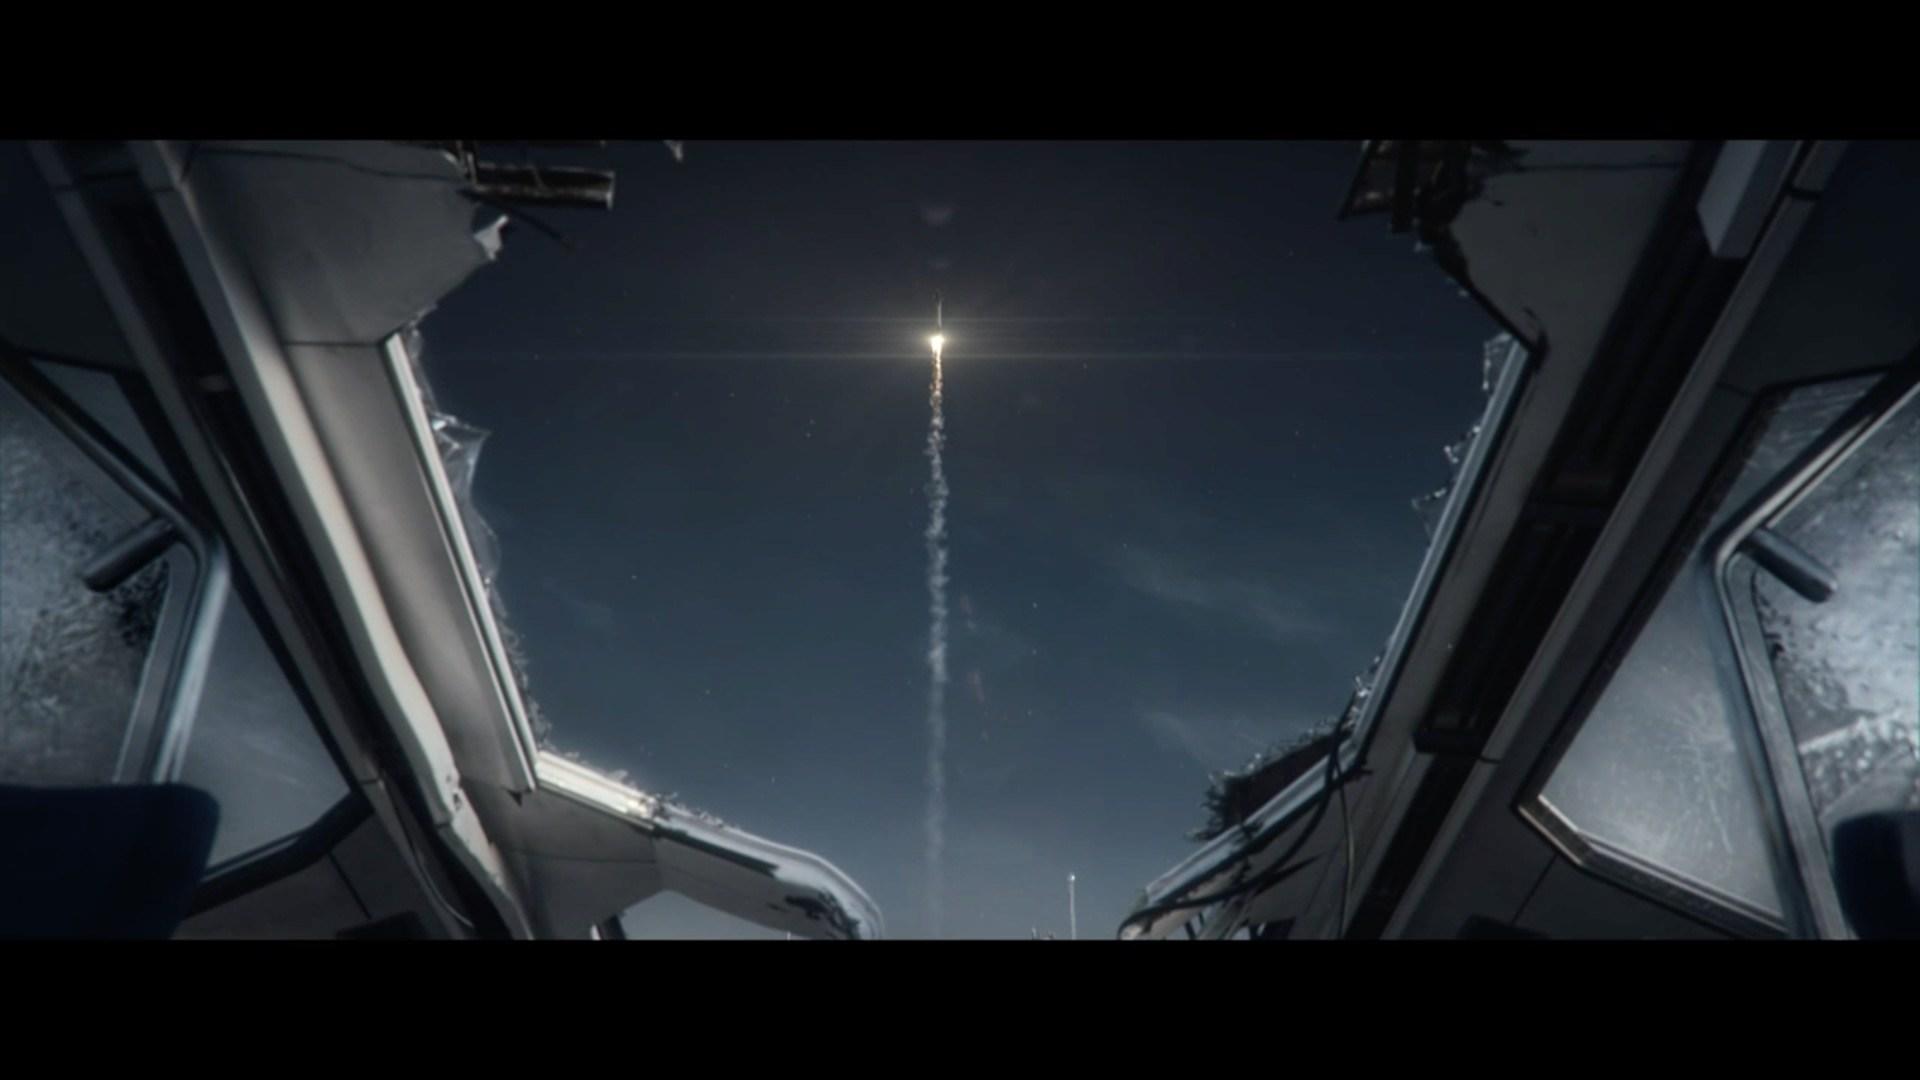 Surge2 Cinematic | Intro